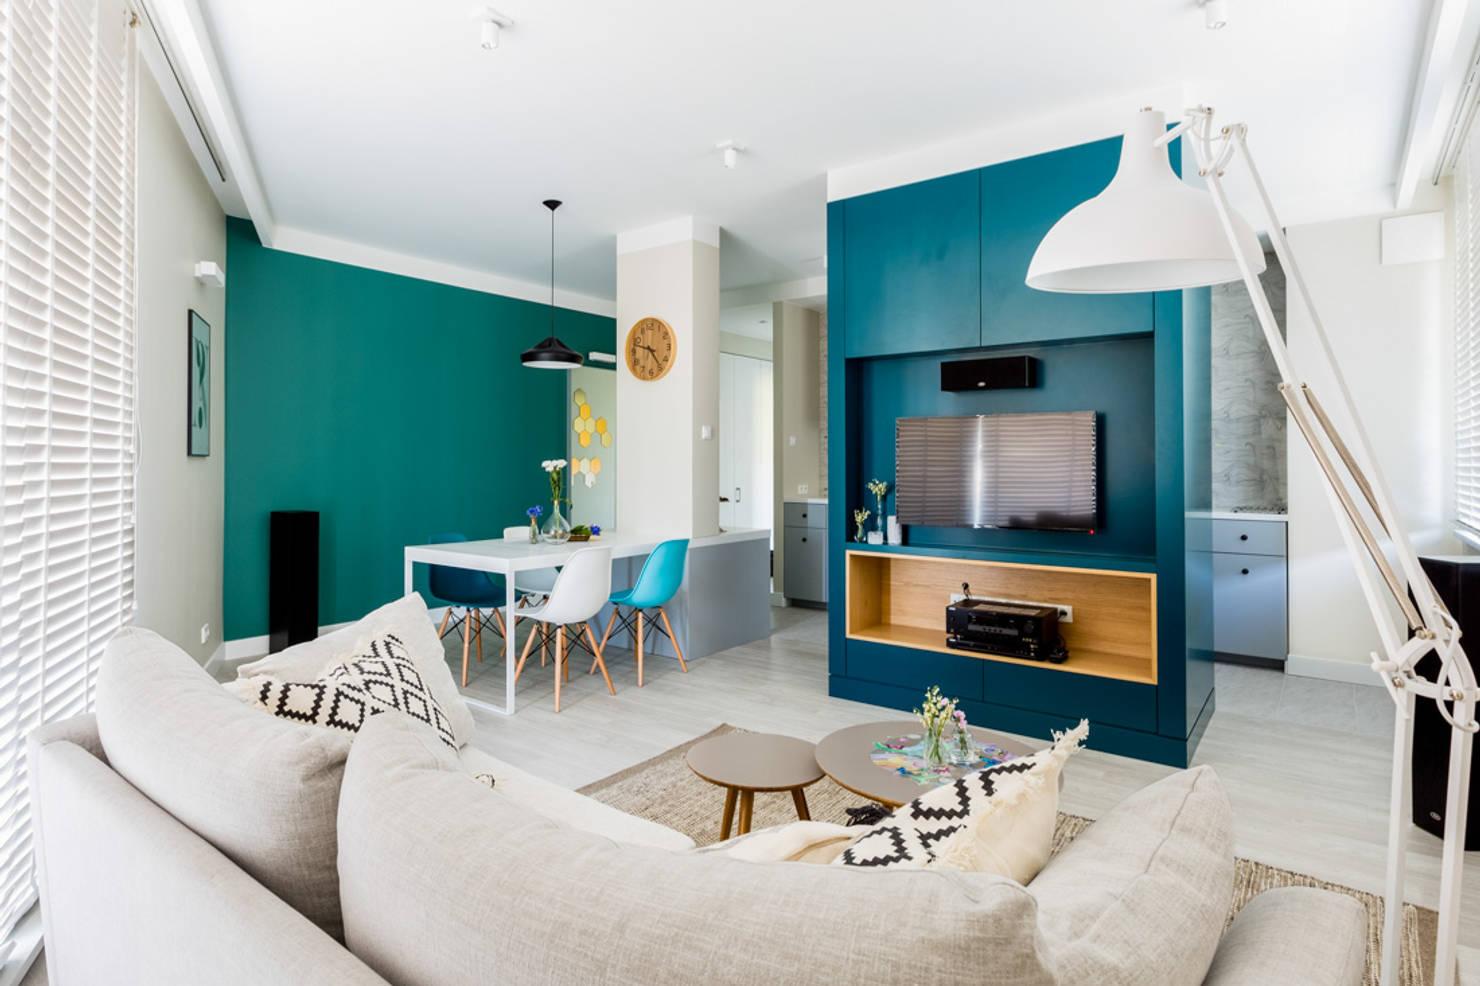 Mehr Struktur für offene Wohnräume: So klappt's!